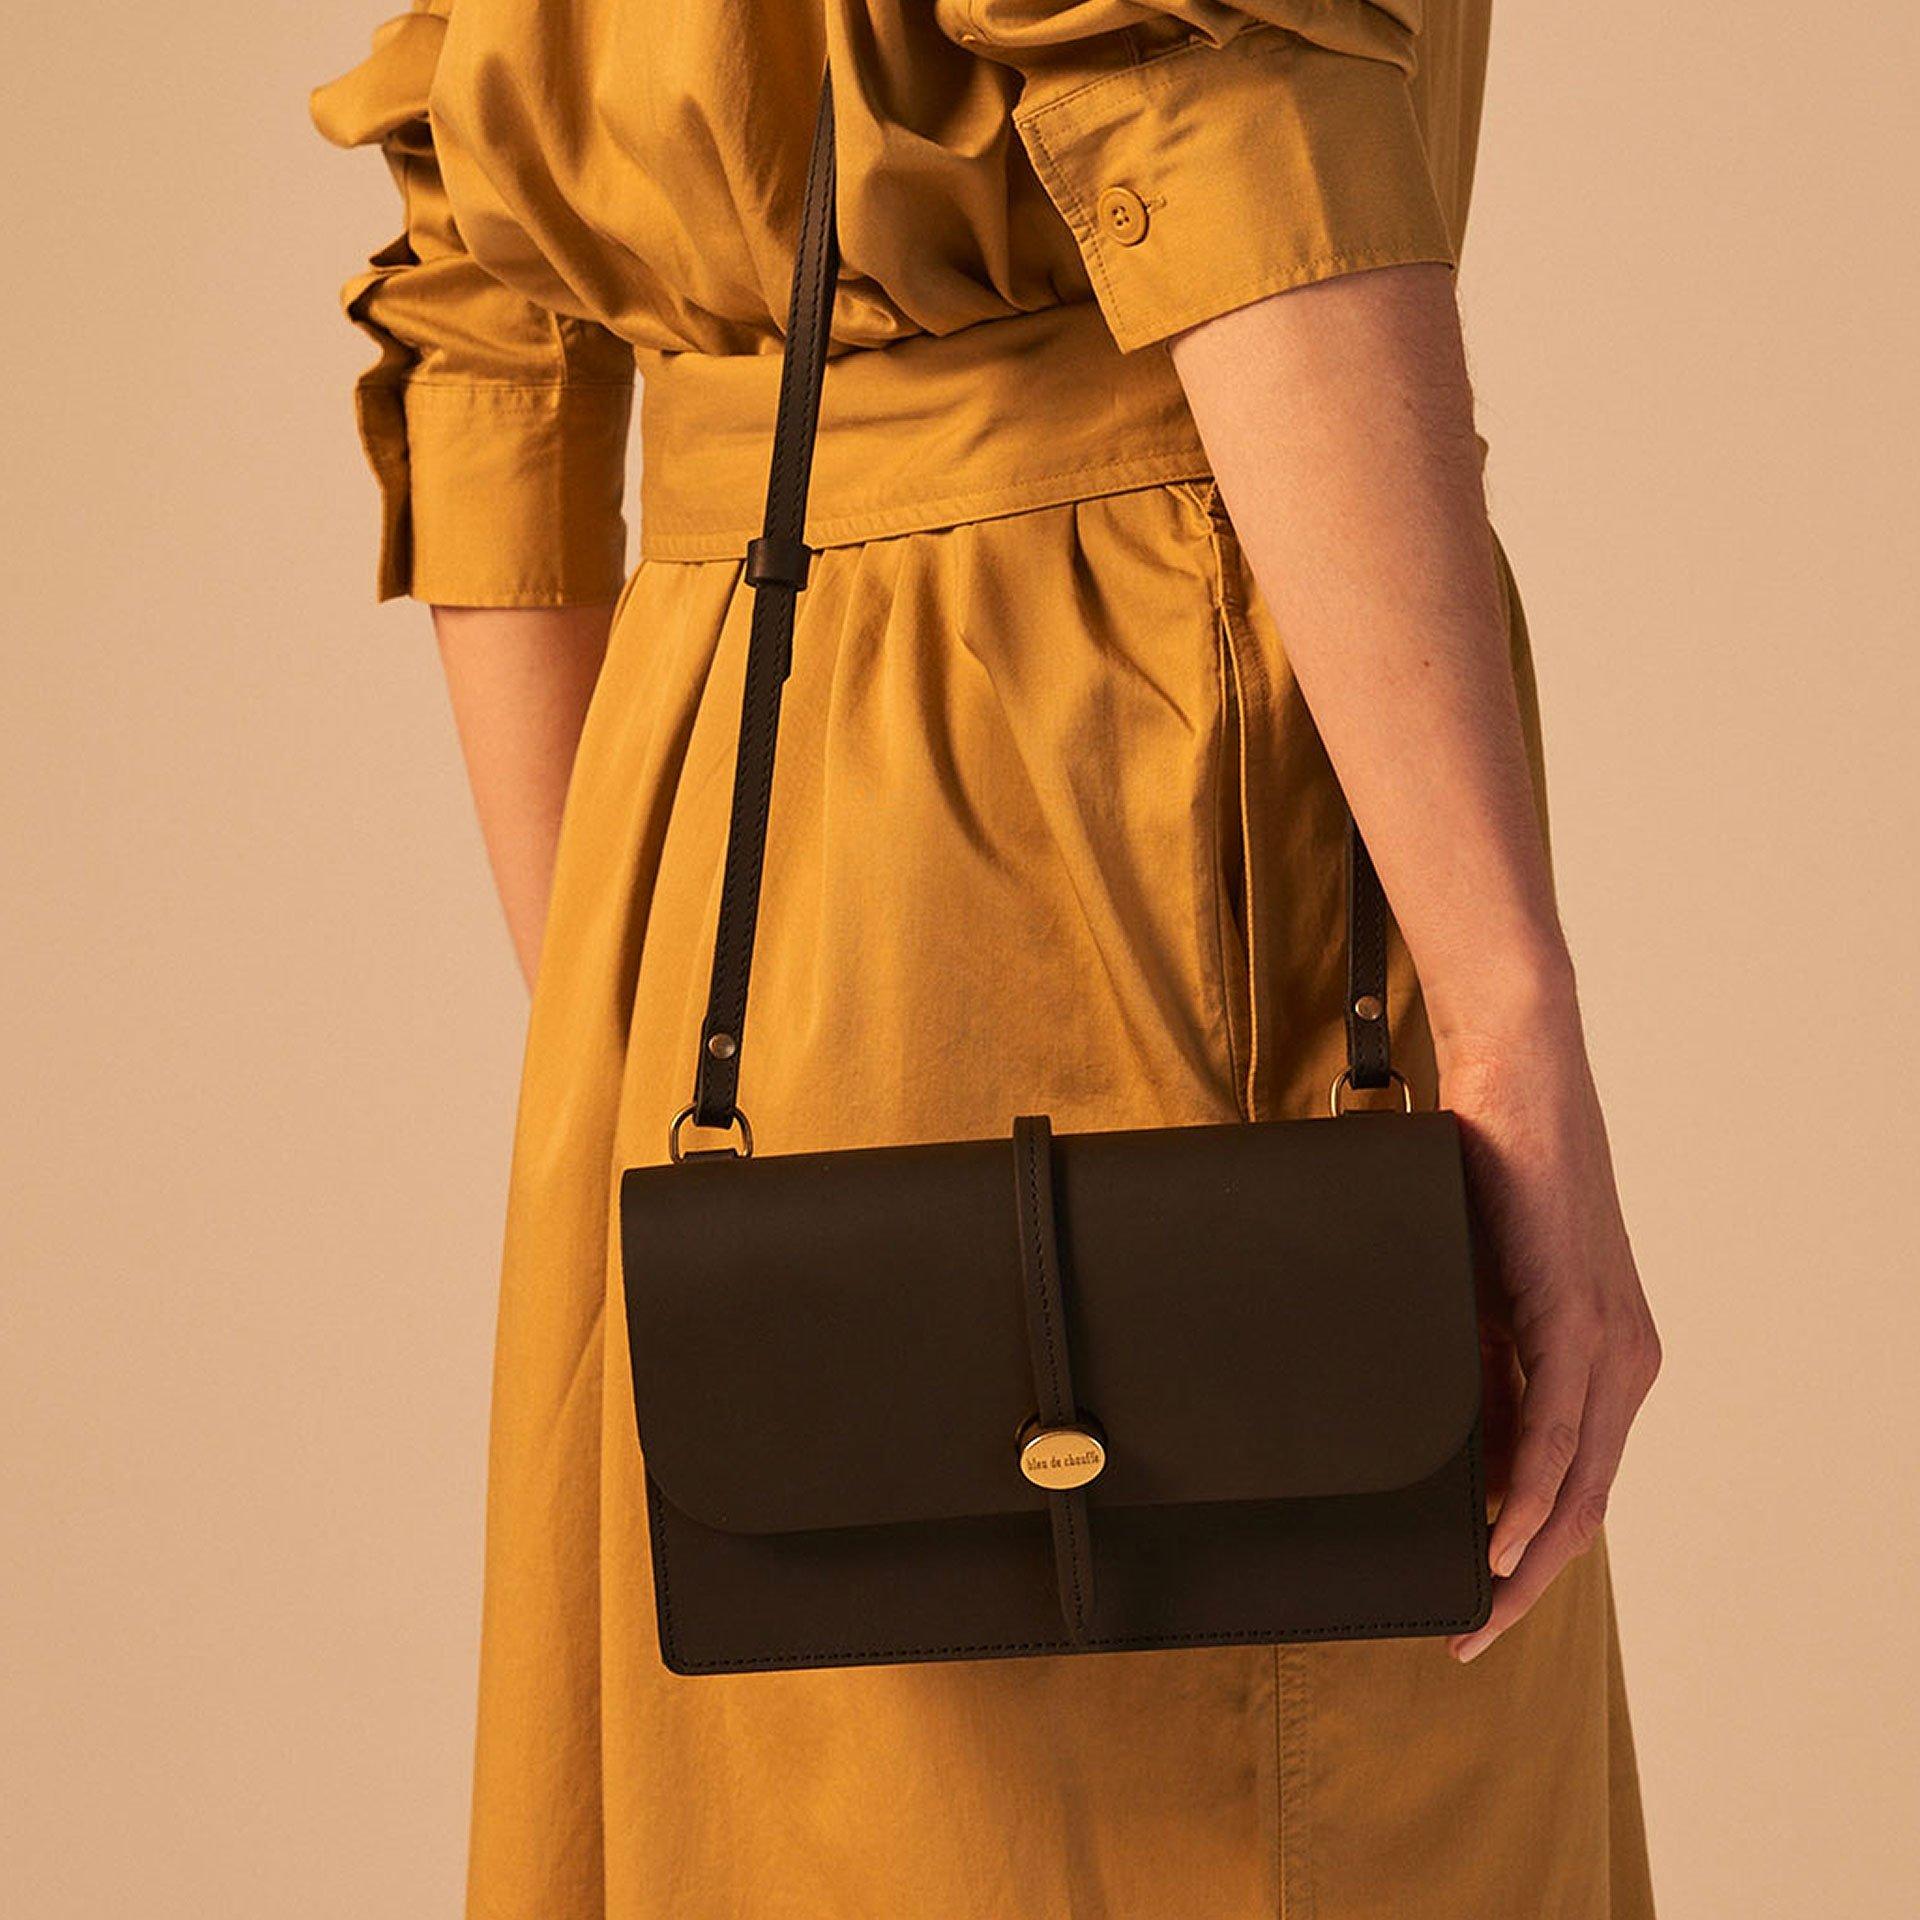 Joan Clutch bag - Black (image n°4)